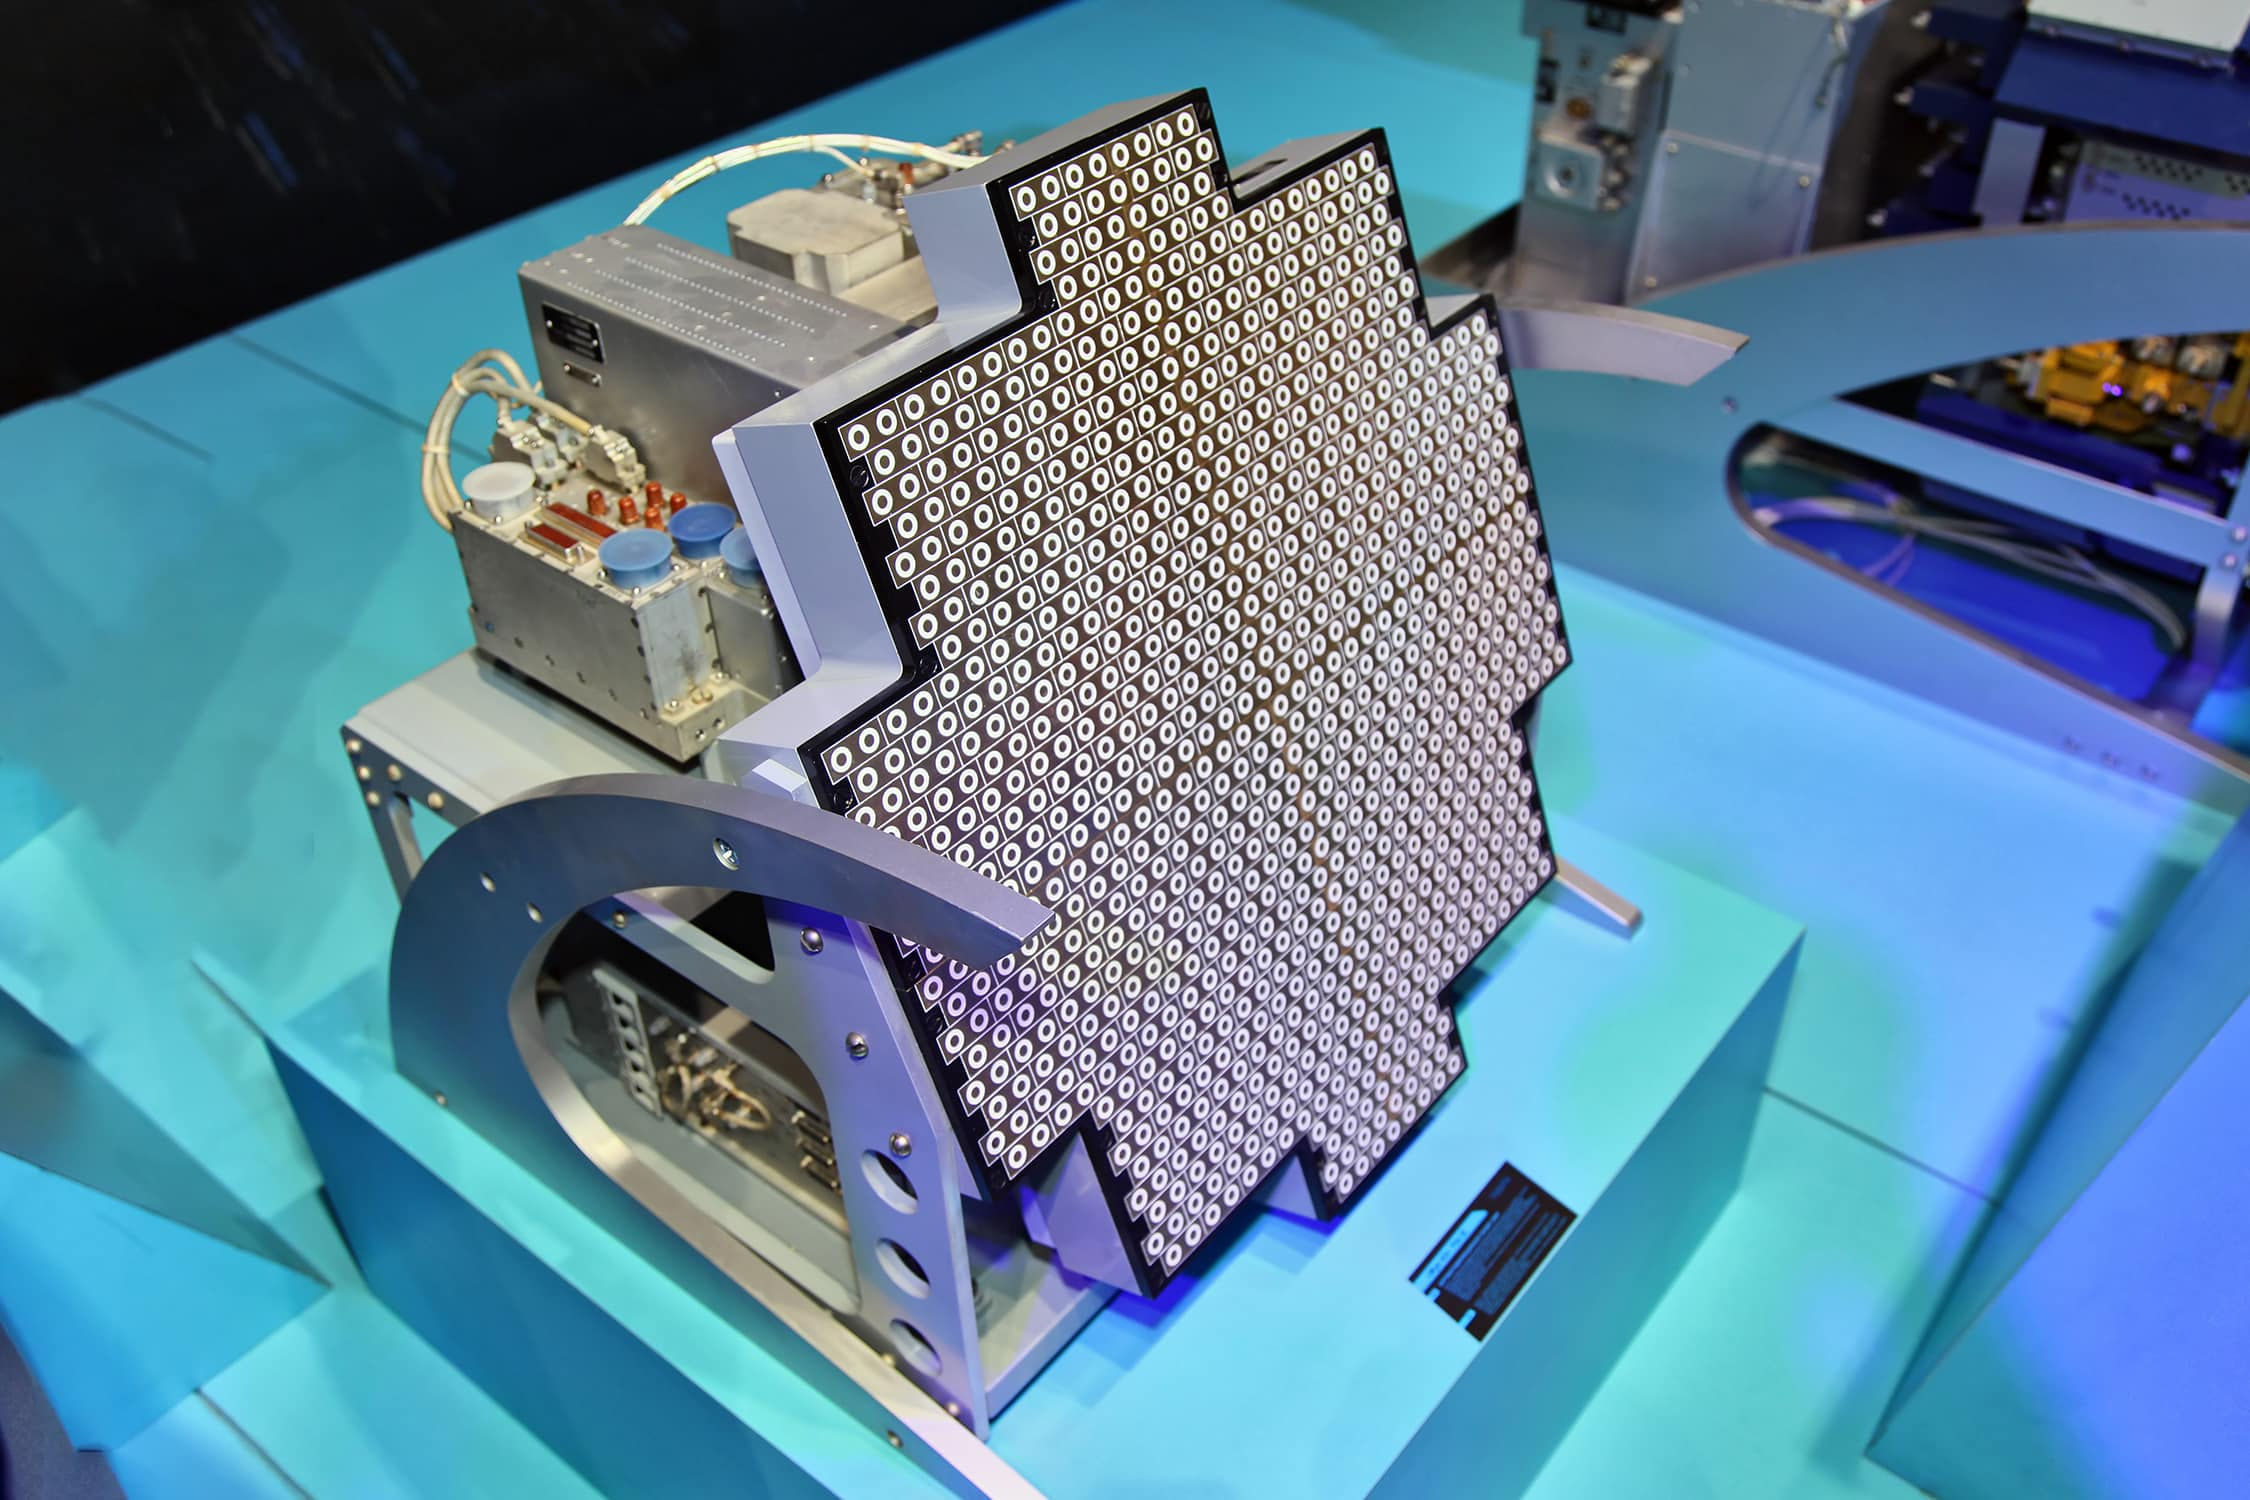 Модифицированный вариант авиационной бортовой радиолокационной станции (БРЛС) Жук-АЭ/FGA-35 с АФАР производства корпорации «Фазотрон-НИИР». В БРЛС активно используются радиопоглощающие материалы, например, в приёмопередающих модулях для снижения паразитных излучений станции. Фото – Виталий Кузьмин (CC BY-SA 4.0).